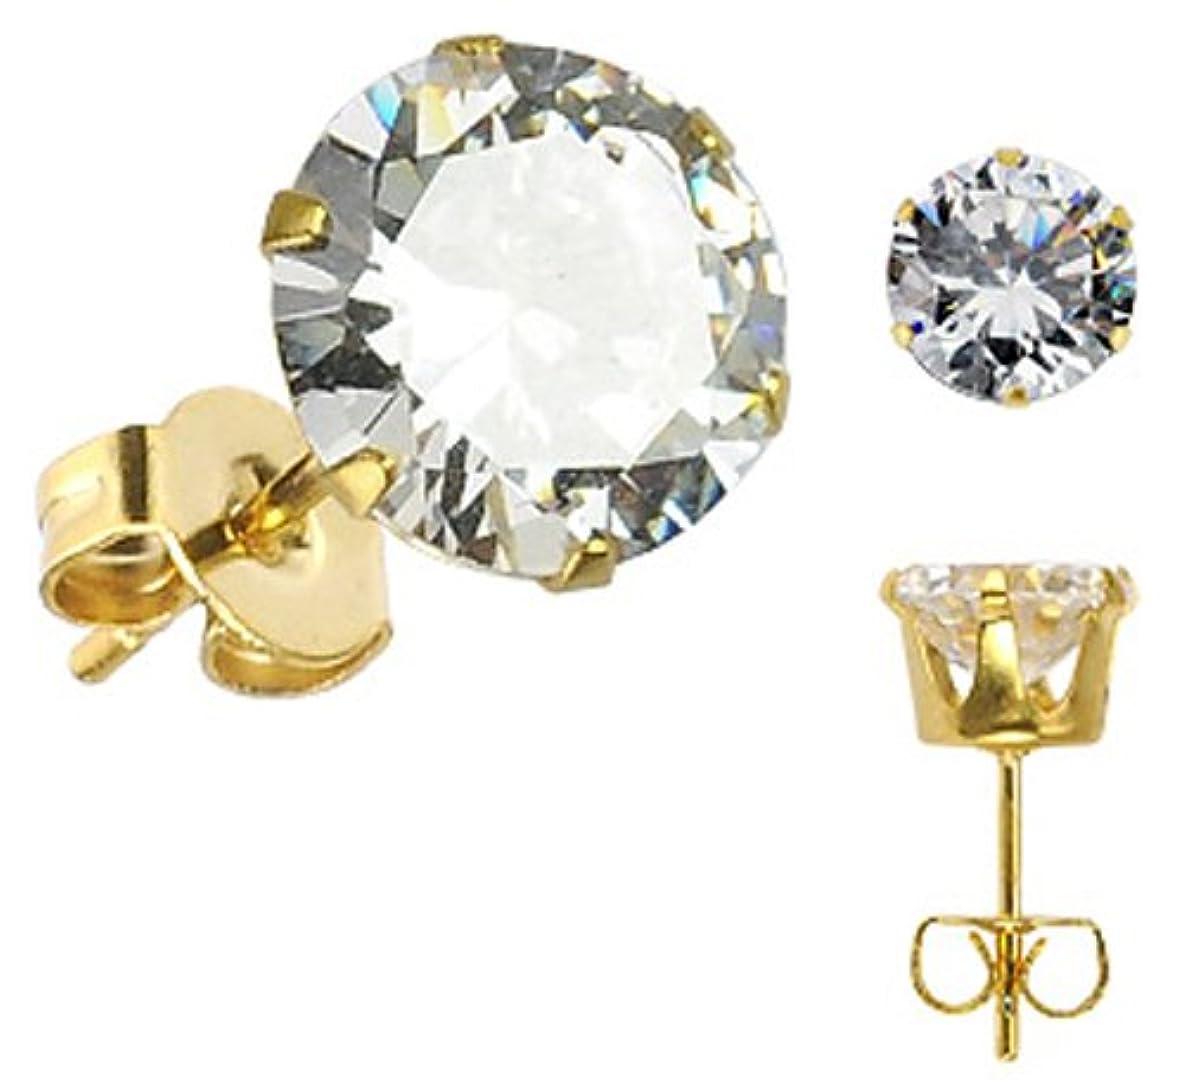 お互いリゾート環境保護主義者ゴールドトーンスタッドイヤリングセットラウンドカットシミュレートダイヤモンド – 8 mm